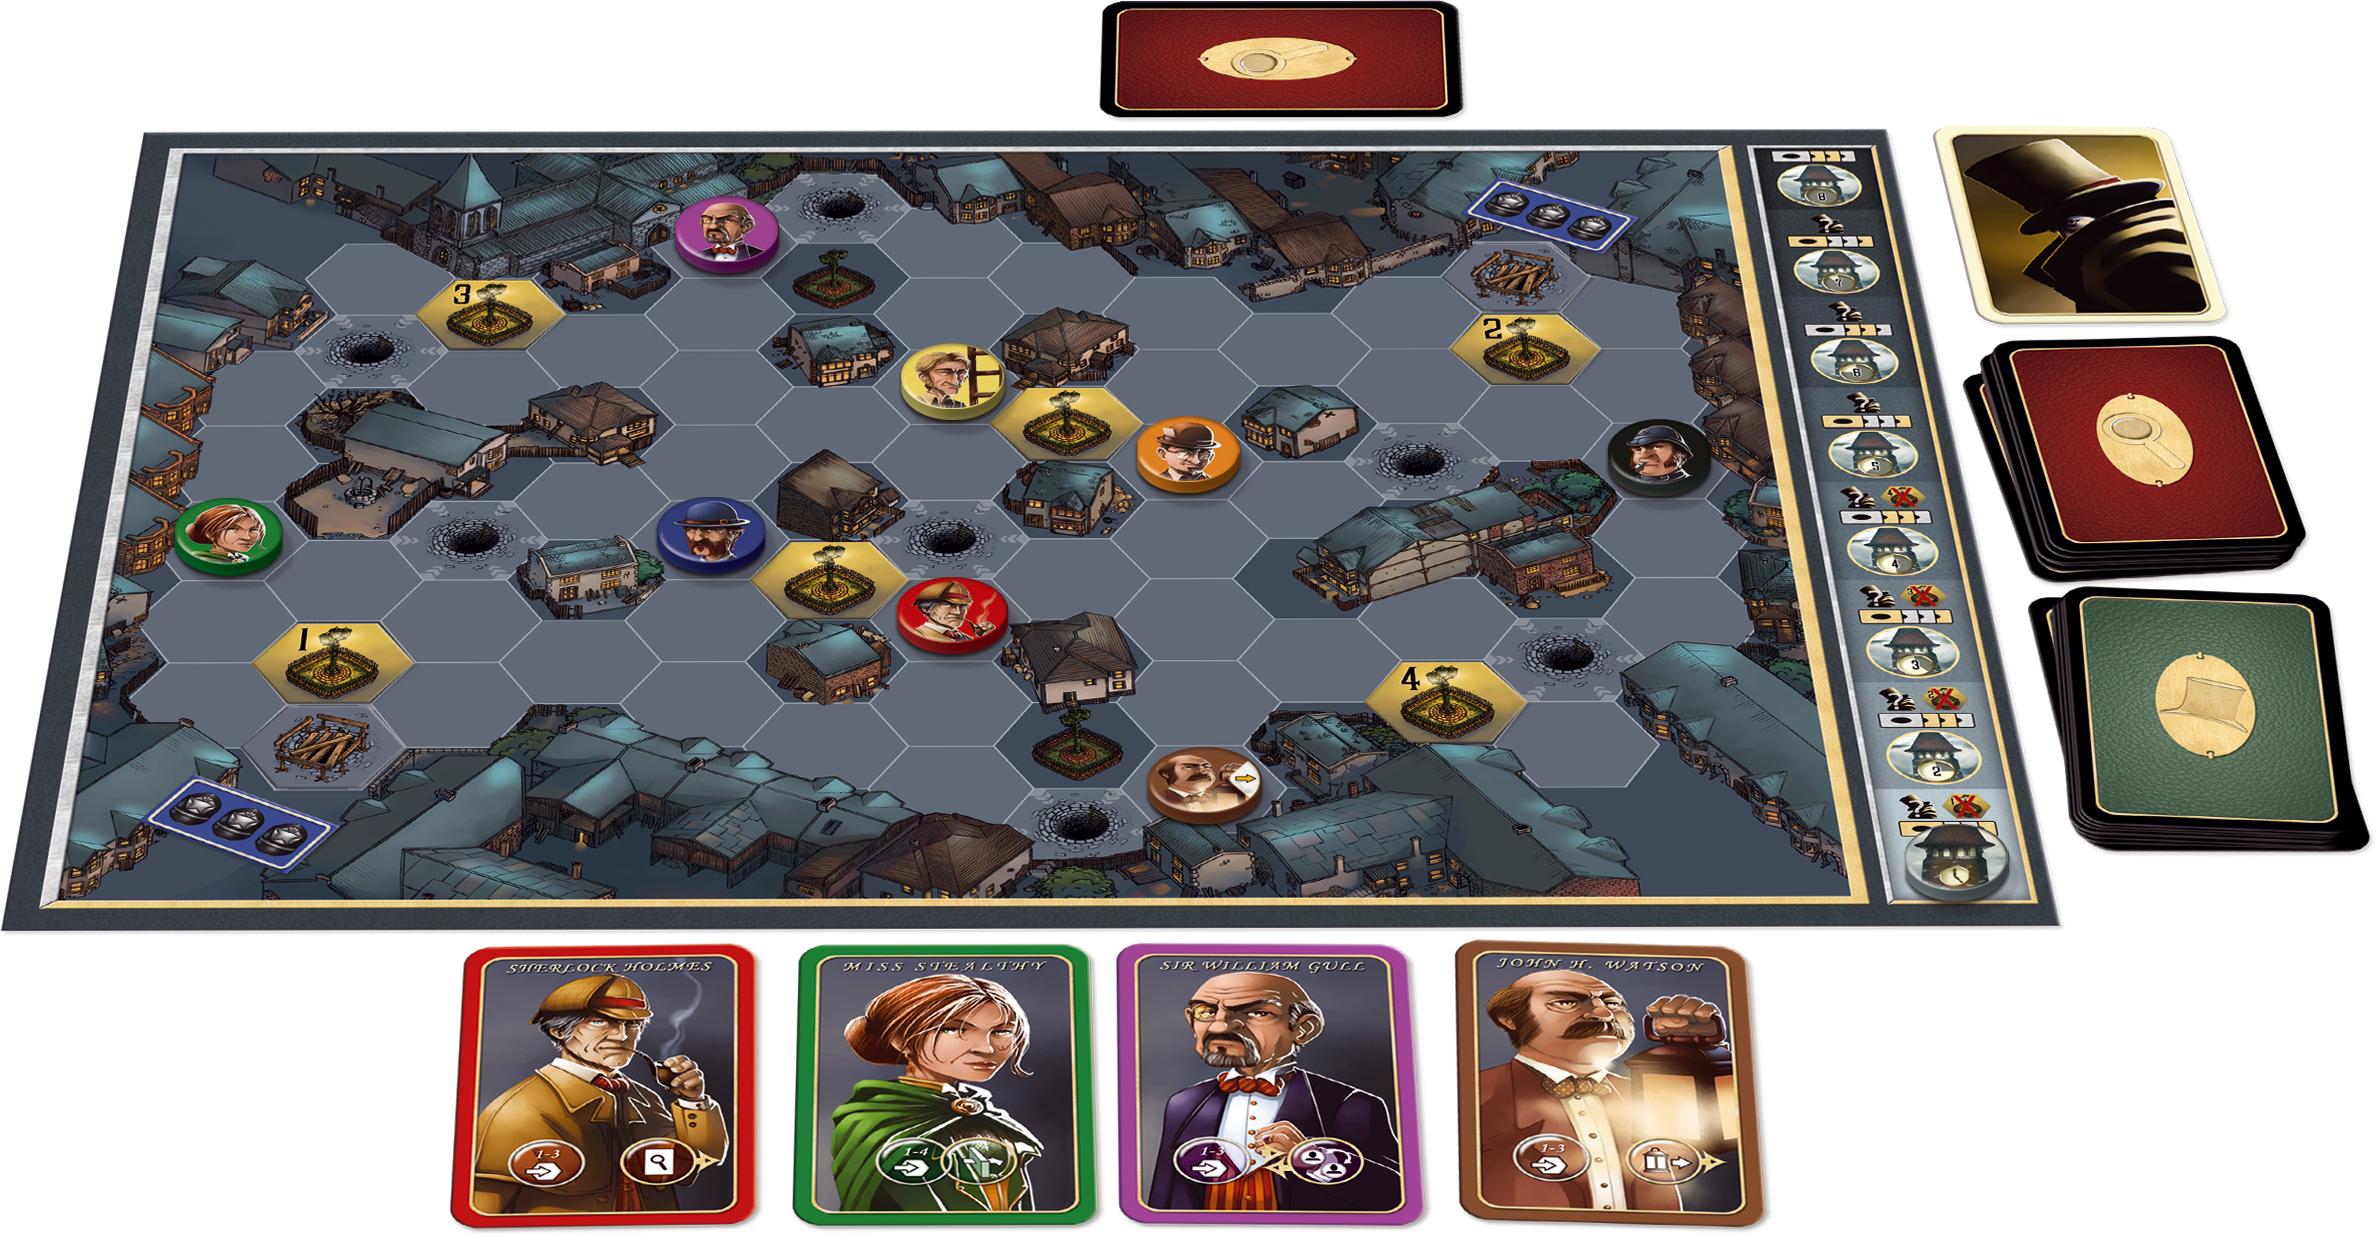 'Mr. Jack Board Game Setup